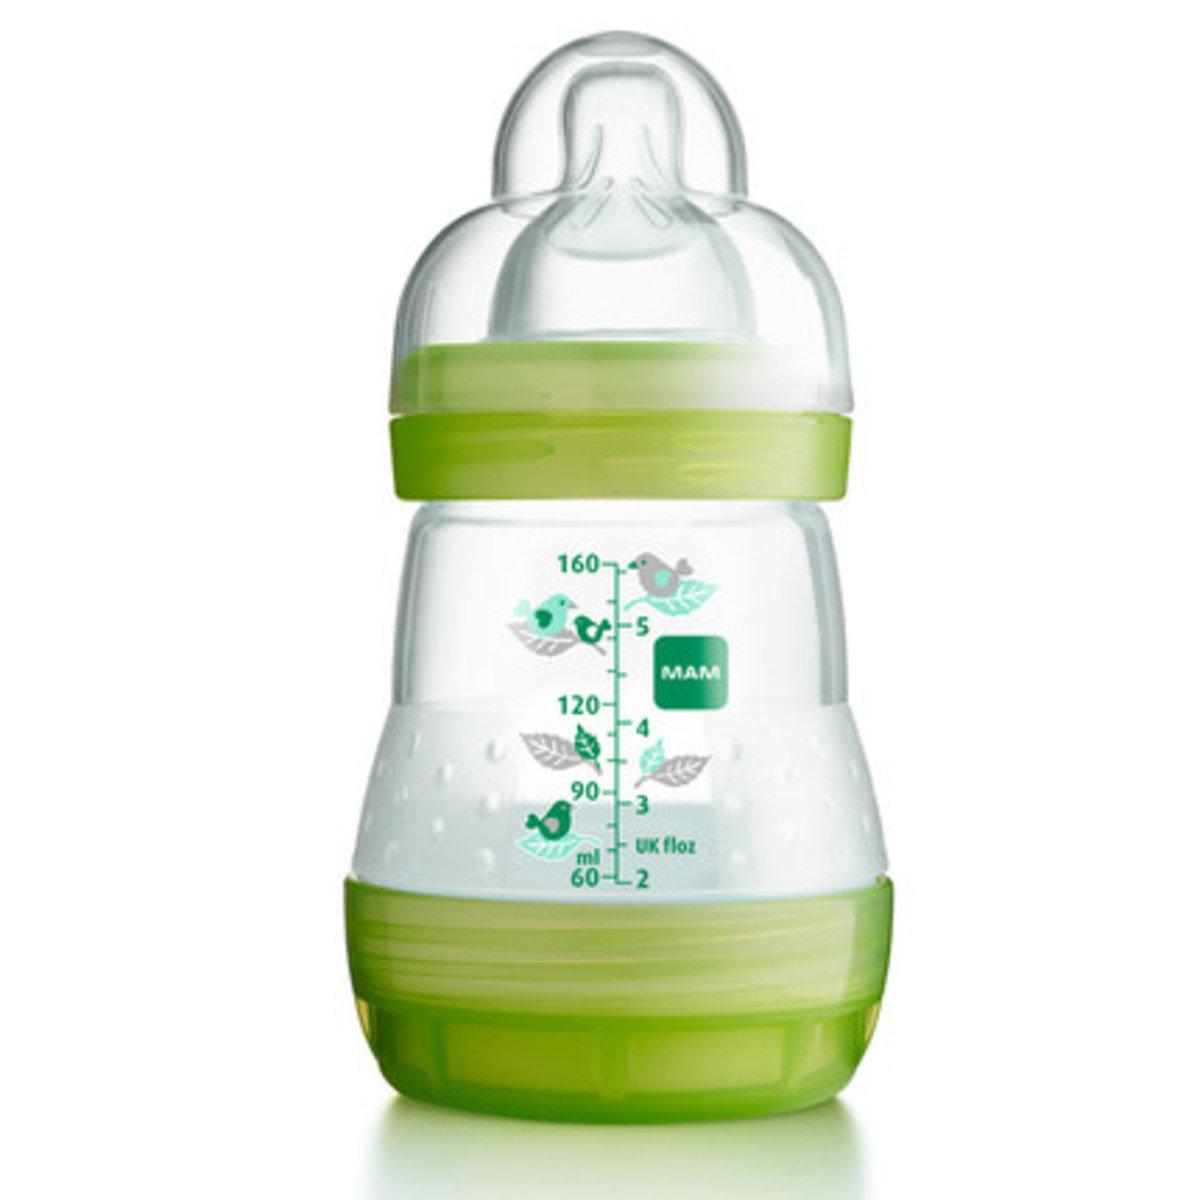 防脹氣奶瓶160ml-綠色